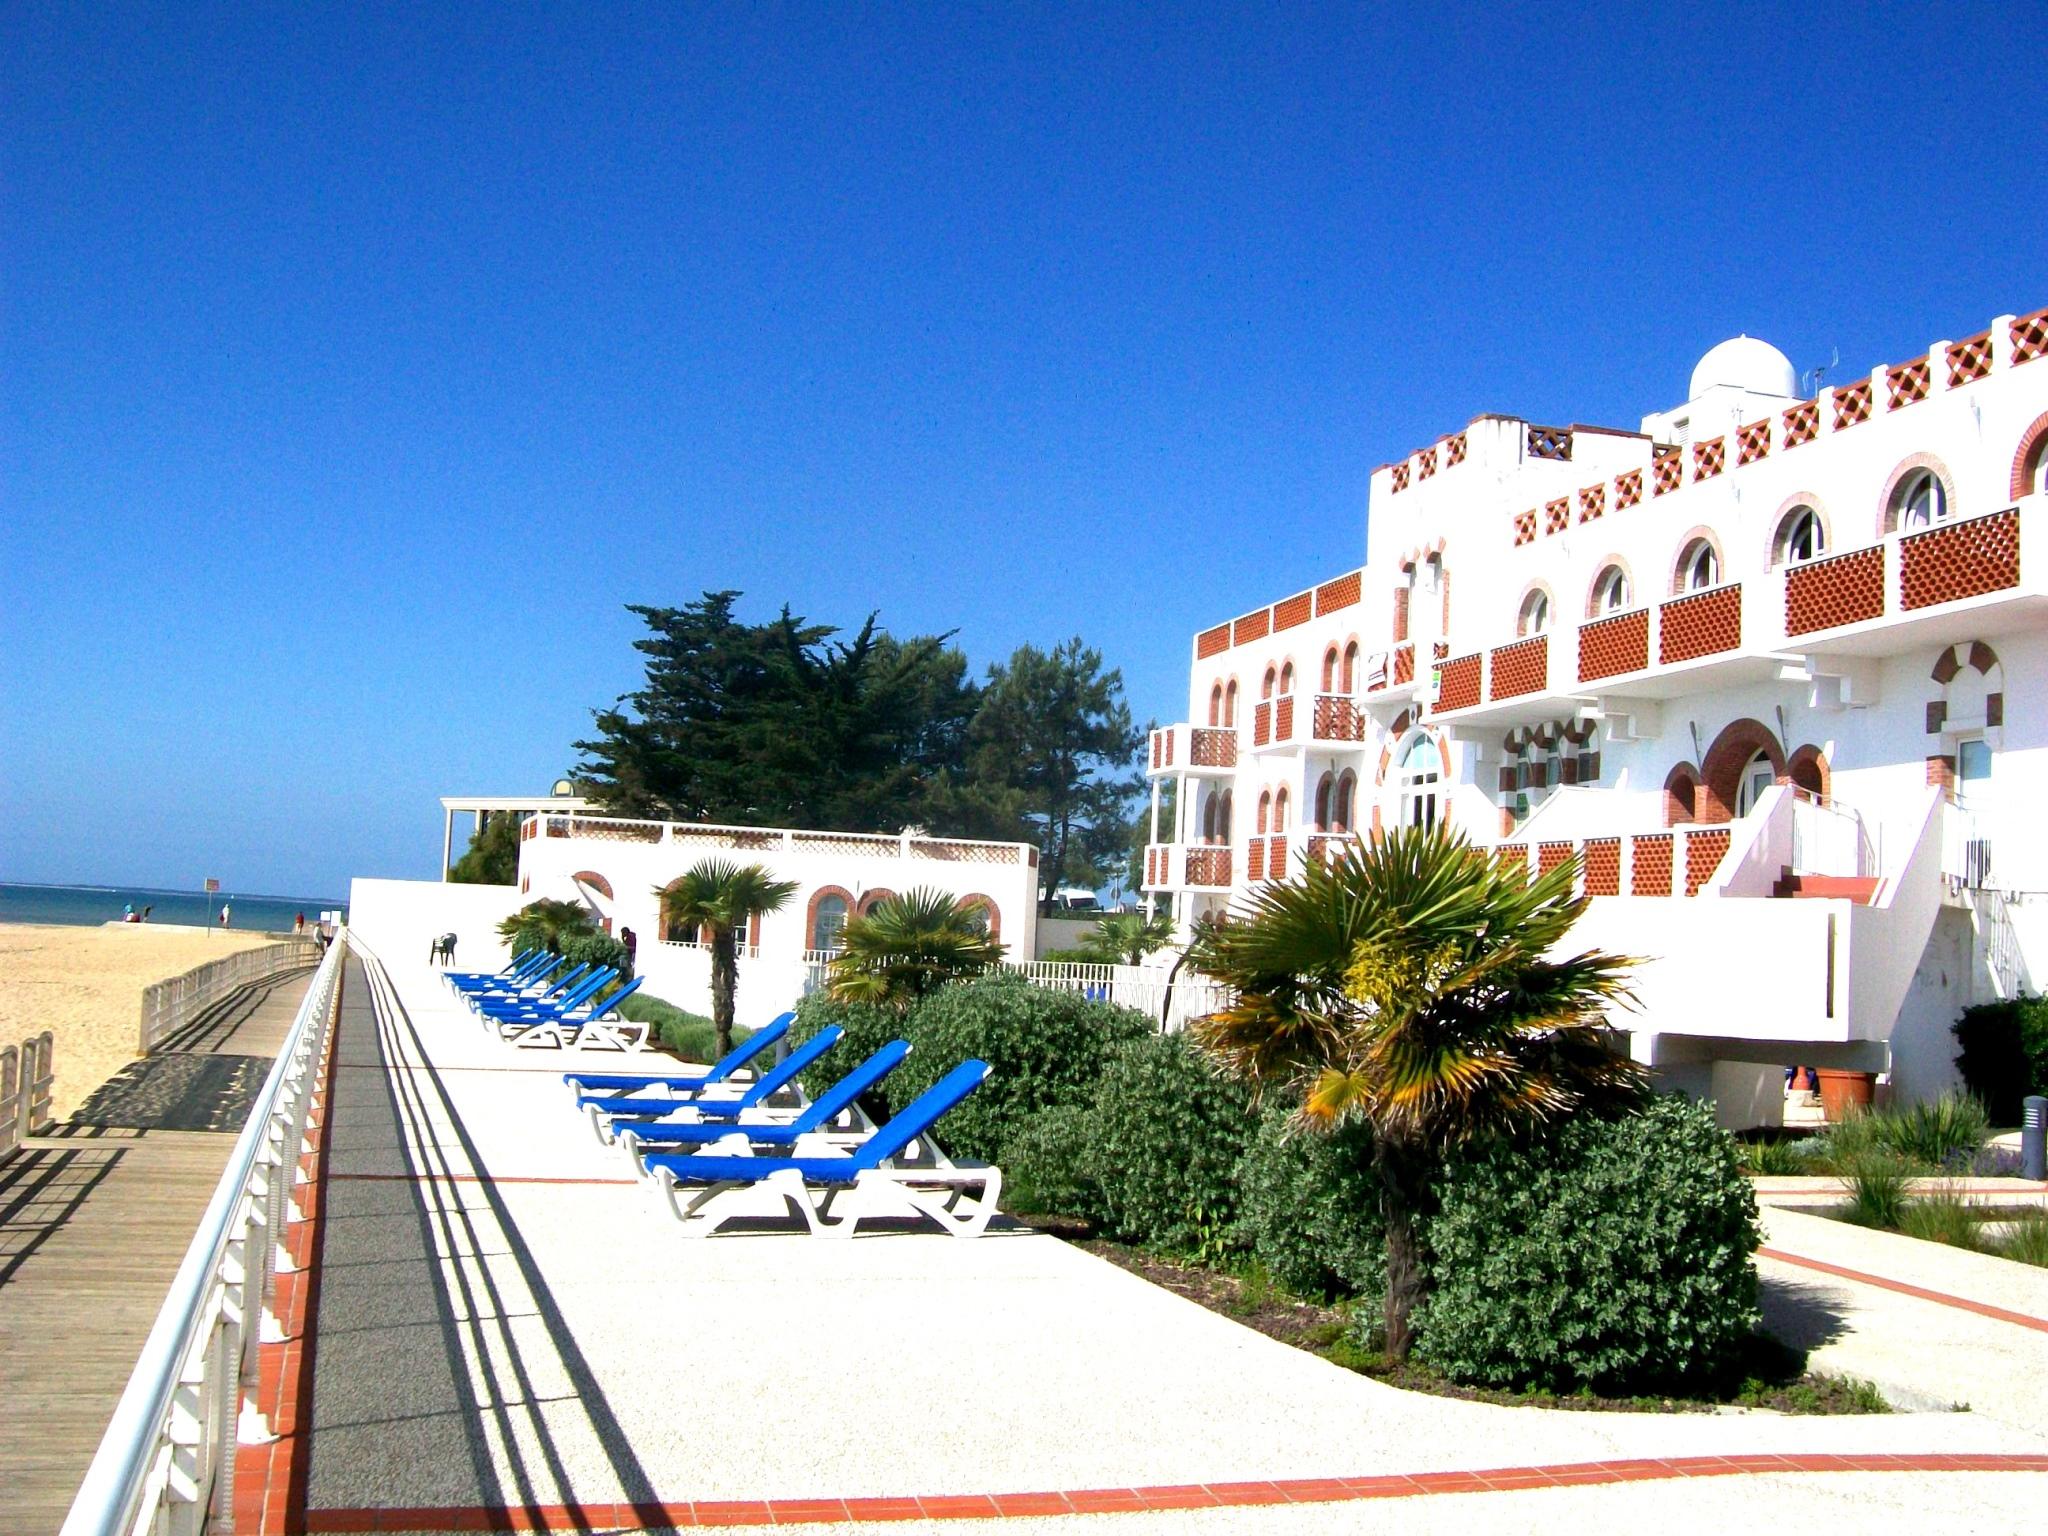 Location vacances la tranche sur mer appartement t2 vue for Residence vacances avec piscine